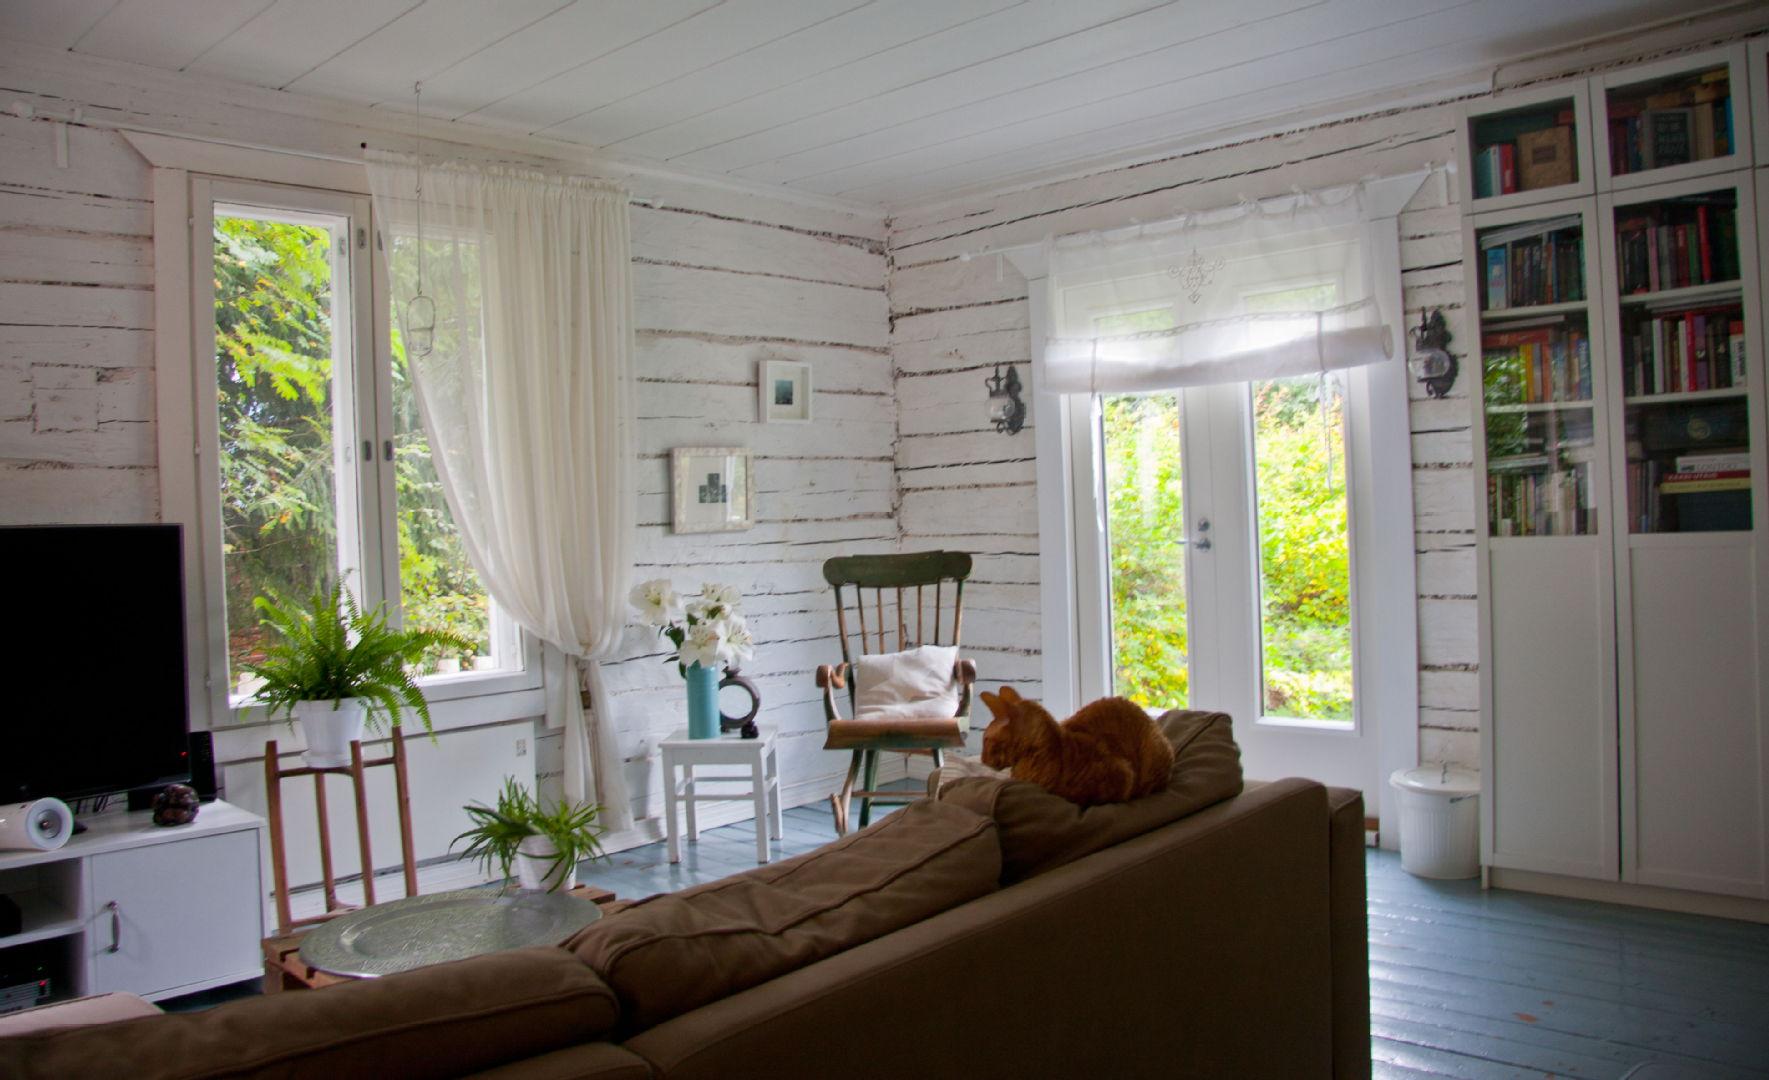 Pieni talo Pirkanmaalla  alakerta  Etuovi com Ideat & vinkit